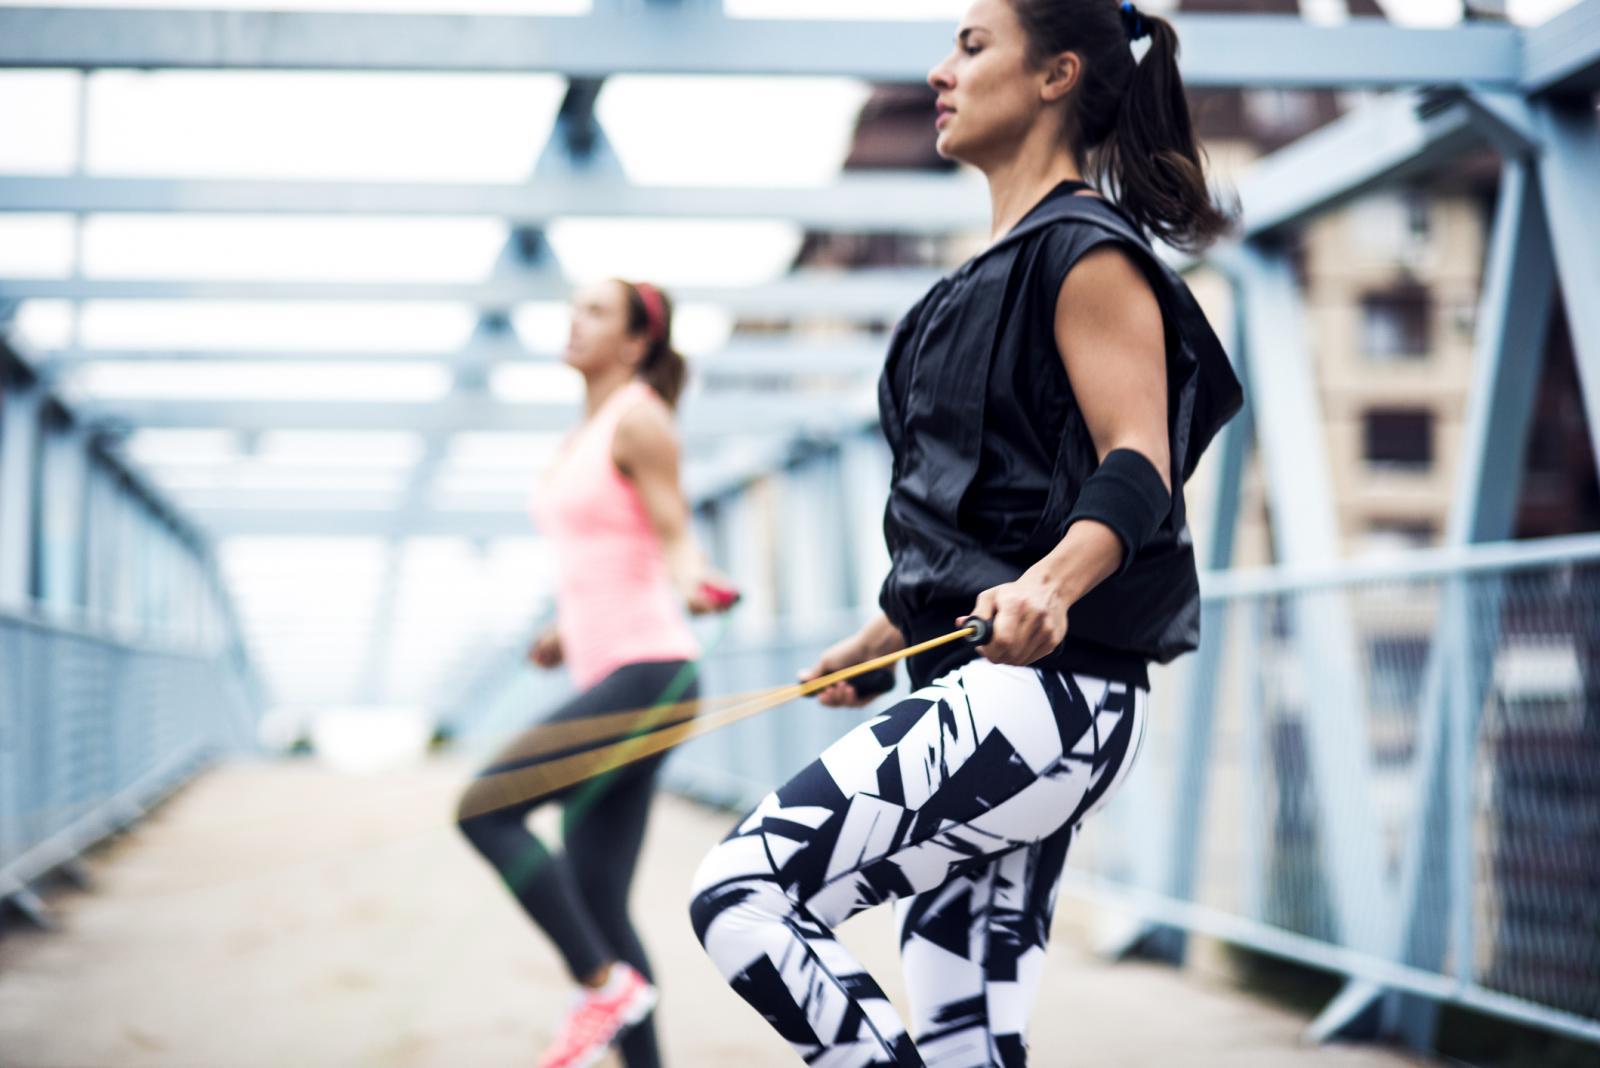 Gotovo 200 kalorija više izgubit ćete u sat vremena ako trčanje zamijenite ovom aktivnošću.